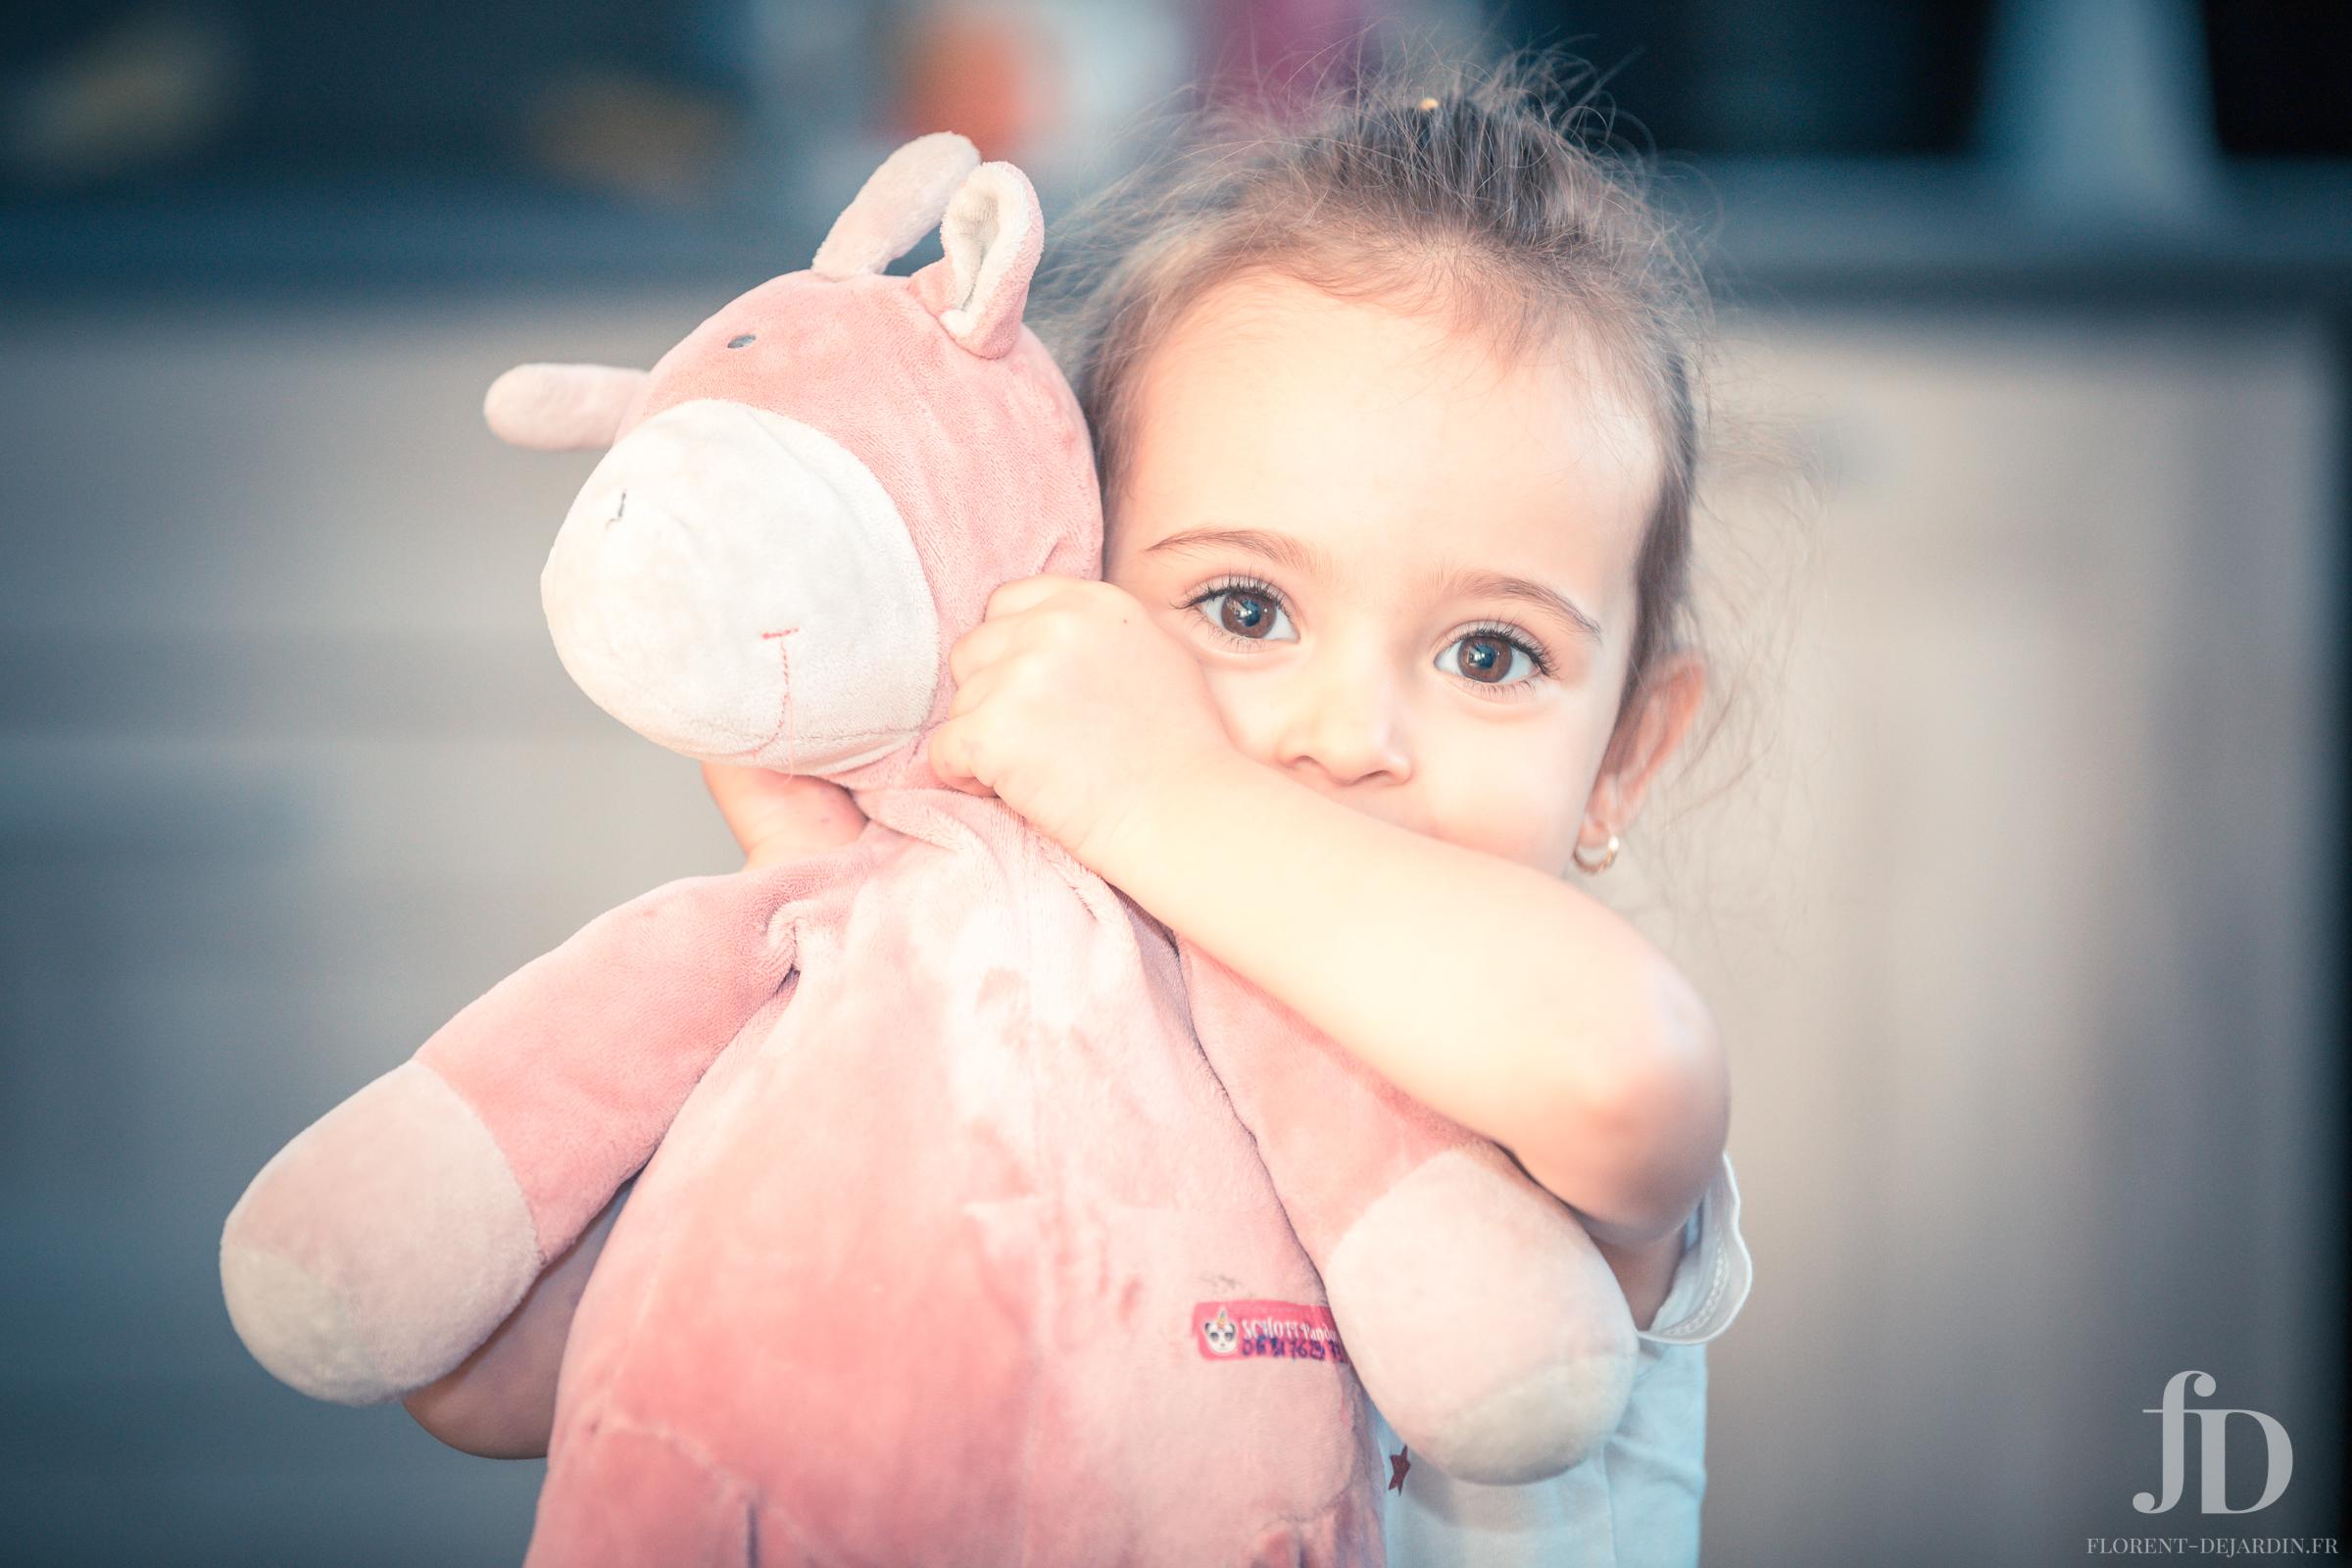 photographie d'un shooting lors d'une séance enfant